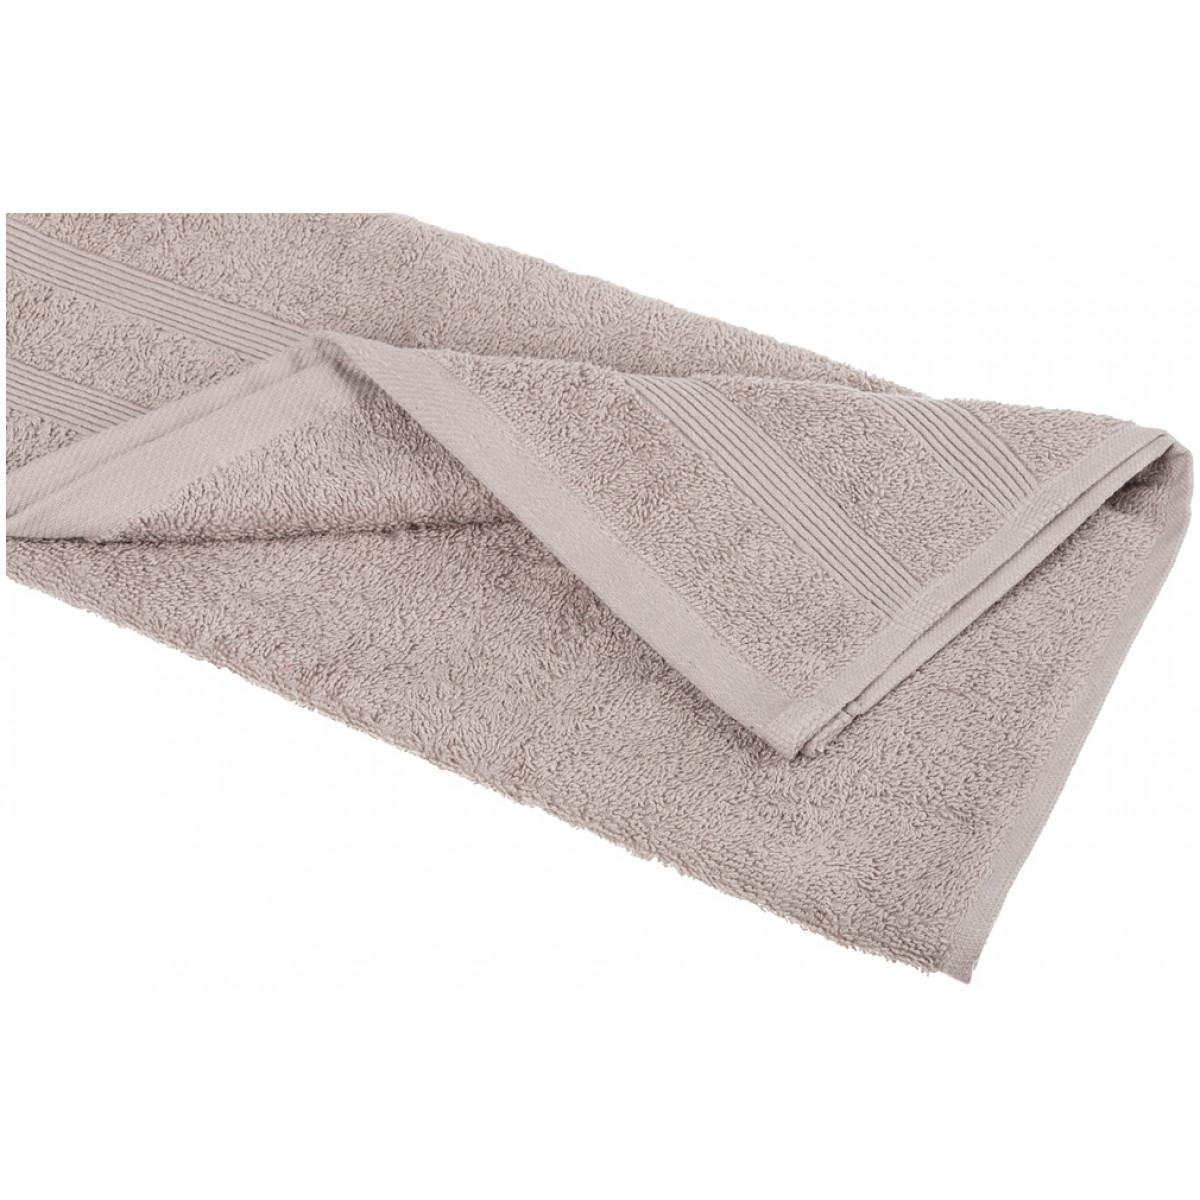 Купить Полотенца Santalino, Полотенце Makeda (40х70 см), Пакистан, Серый, Махра